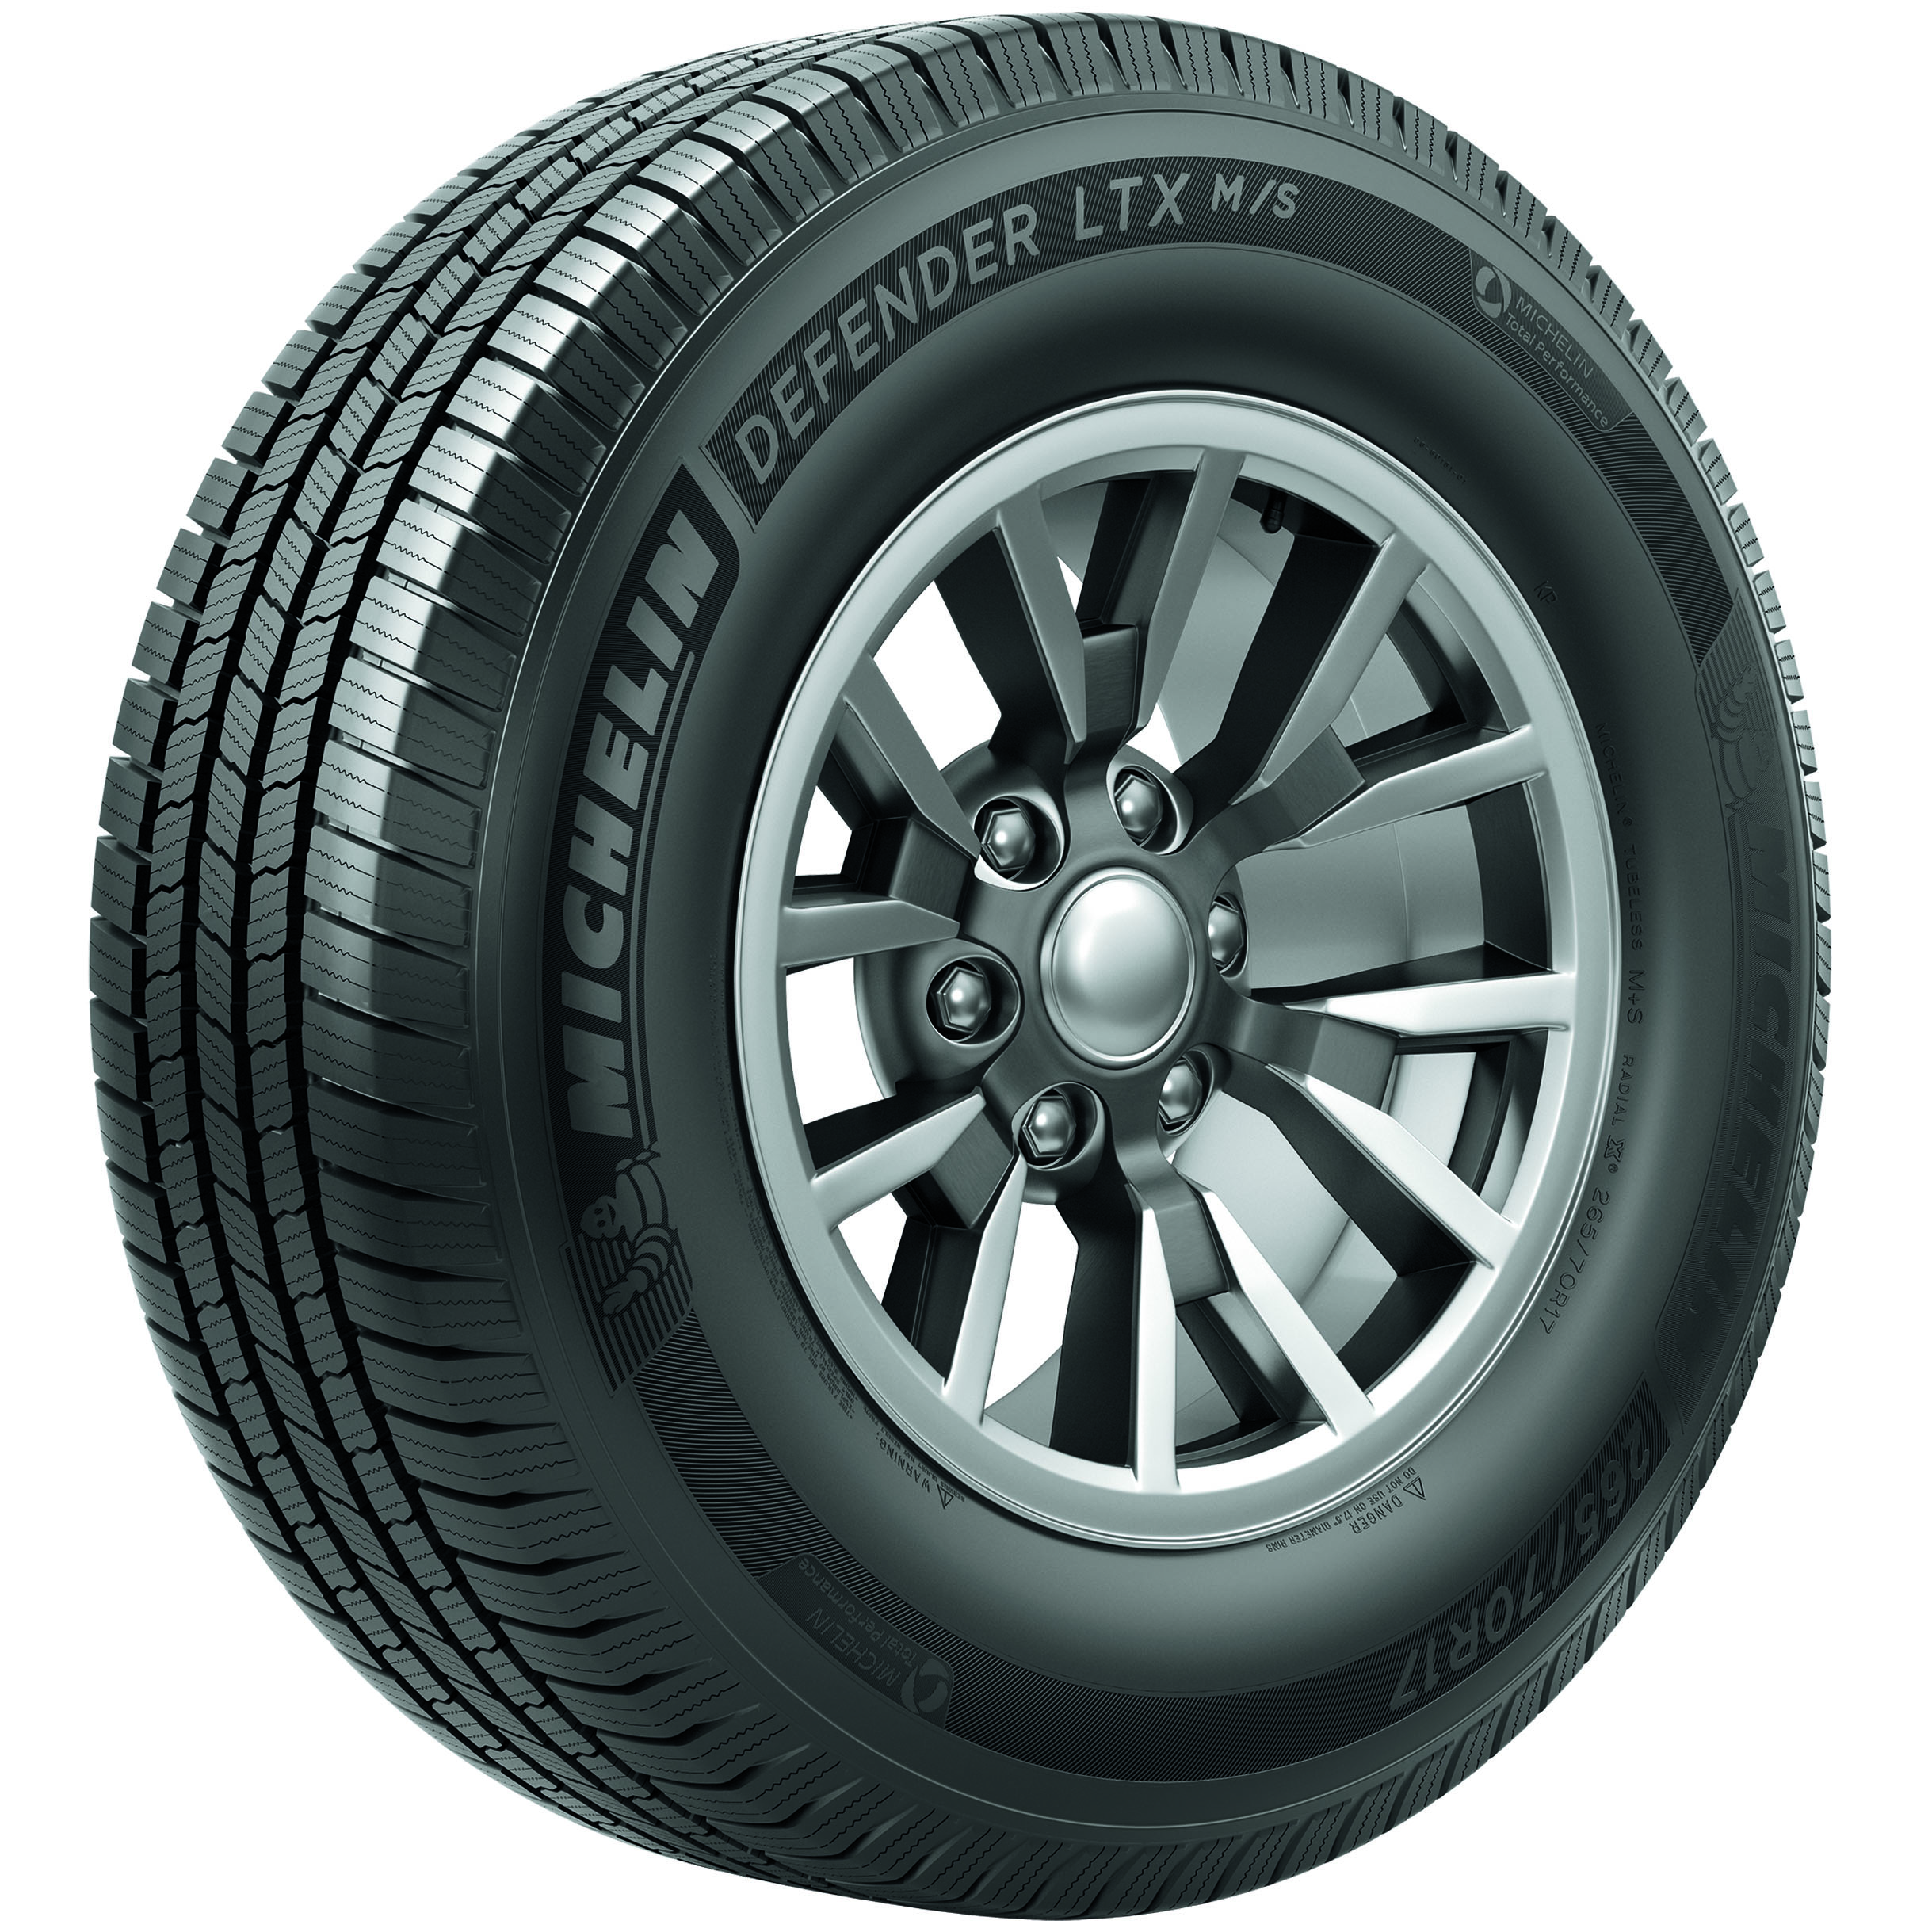 Michelin Defender Ltx Ms Reviews >> Michelin Defender Ltx M S Tire Lt265 70r17 E 121 118r Walmart Com